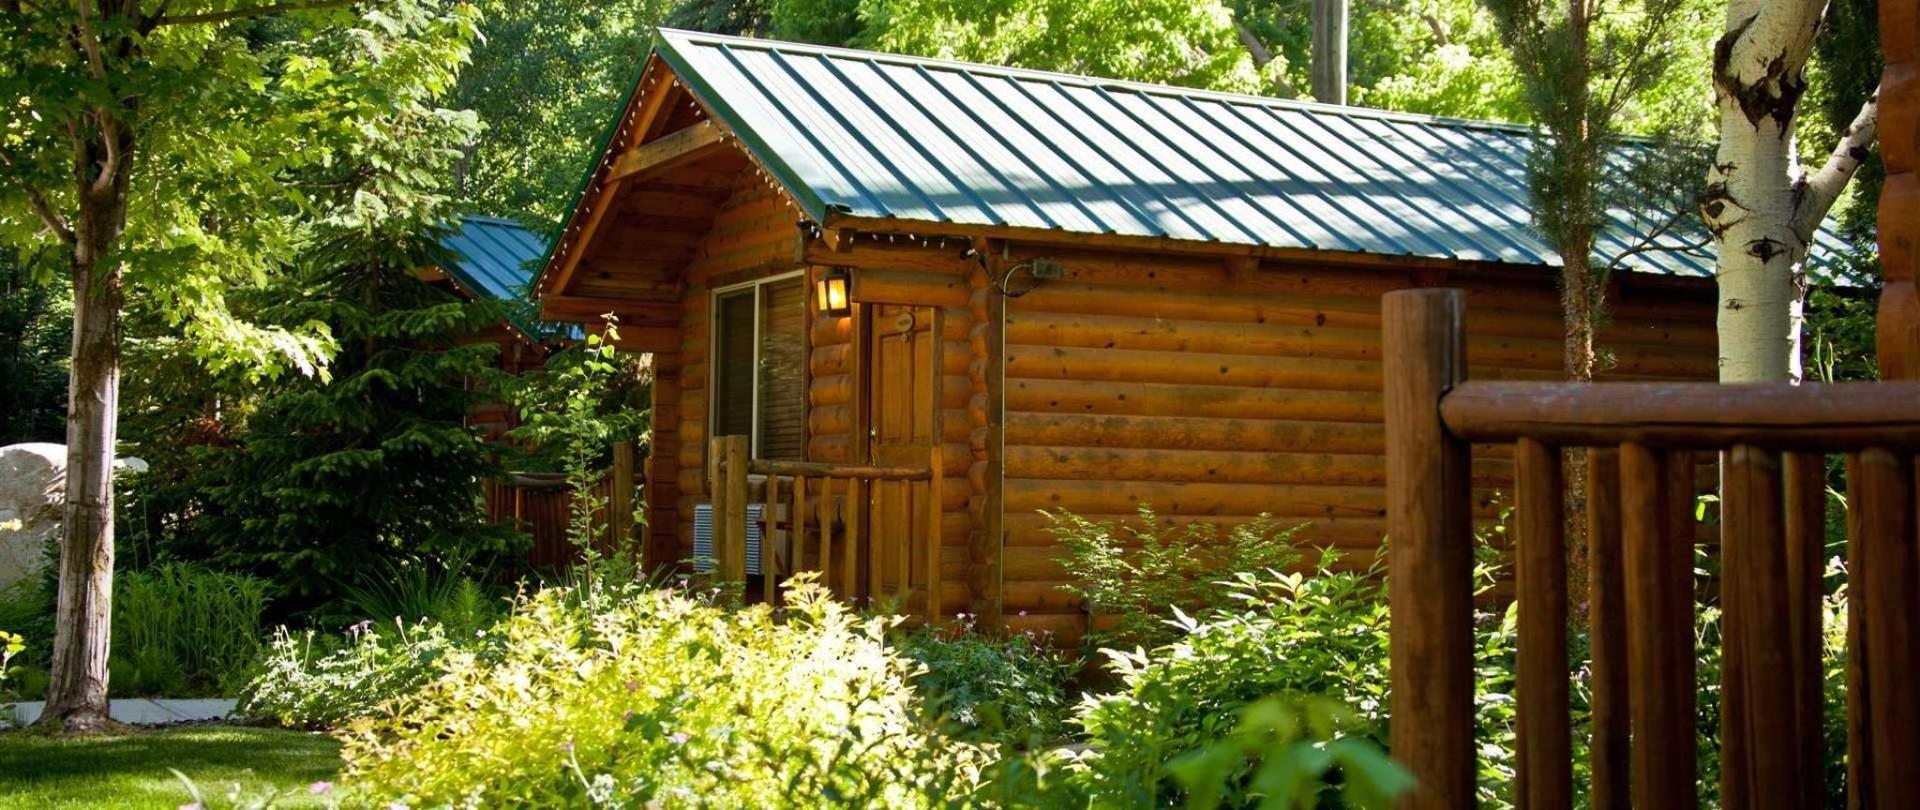 Alaskan Inn Romantic Getaways In Ogden Utah